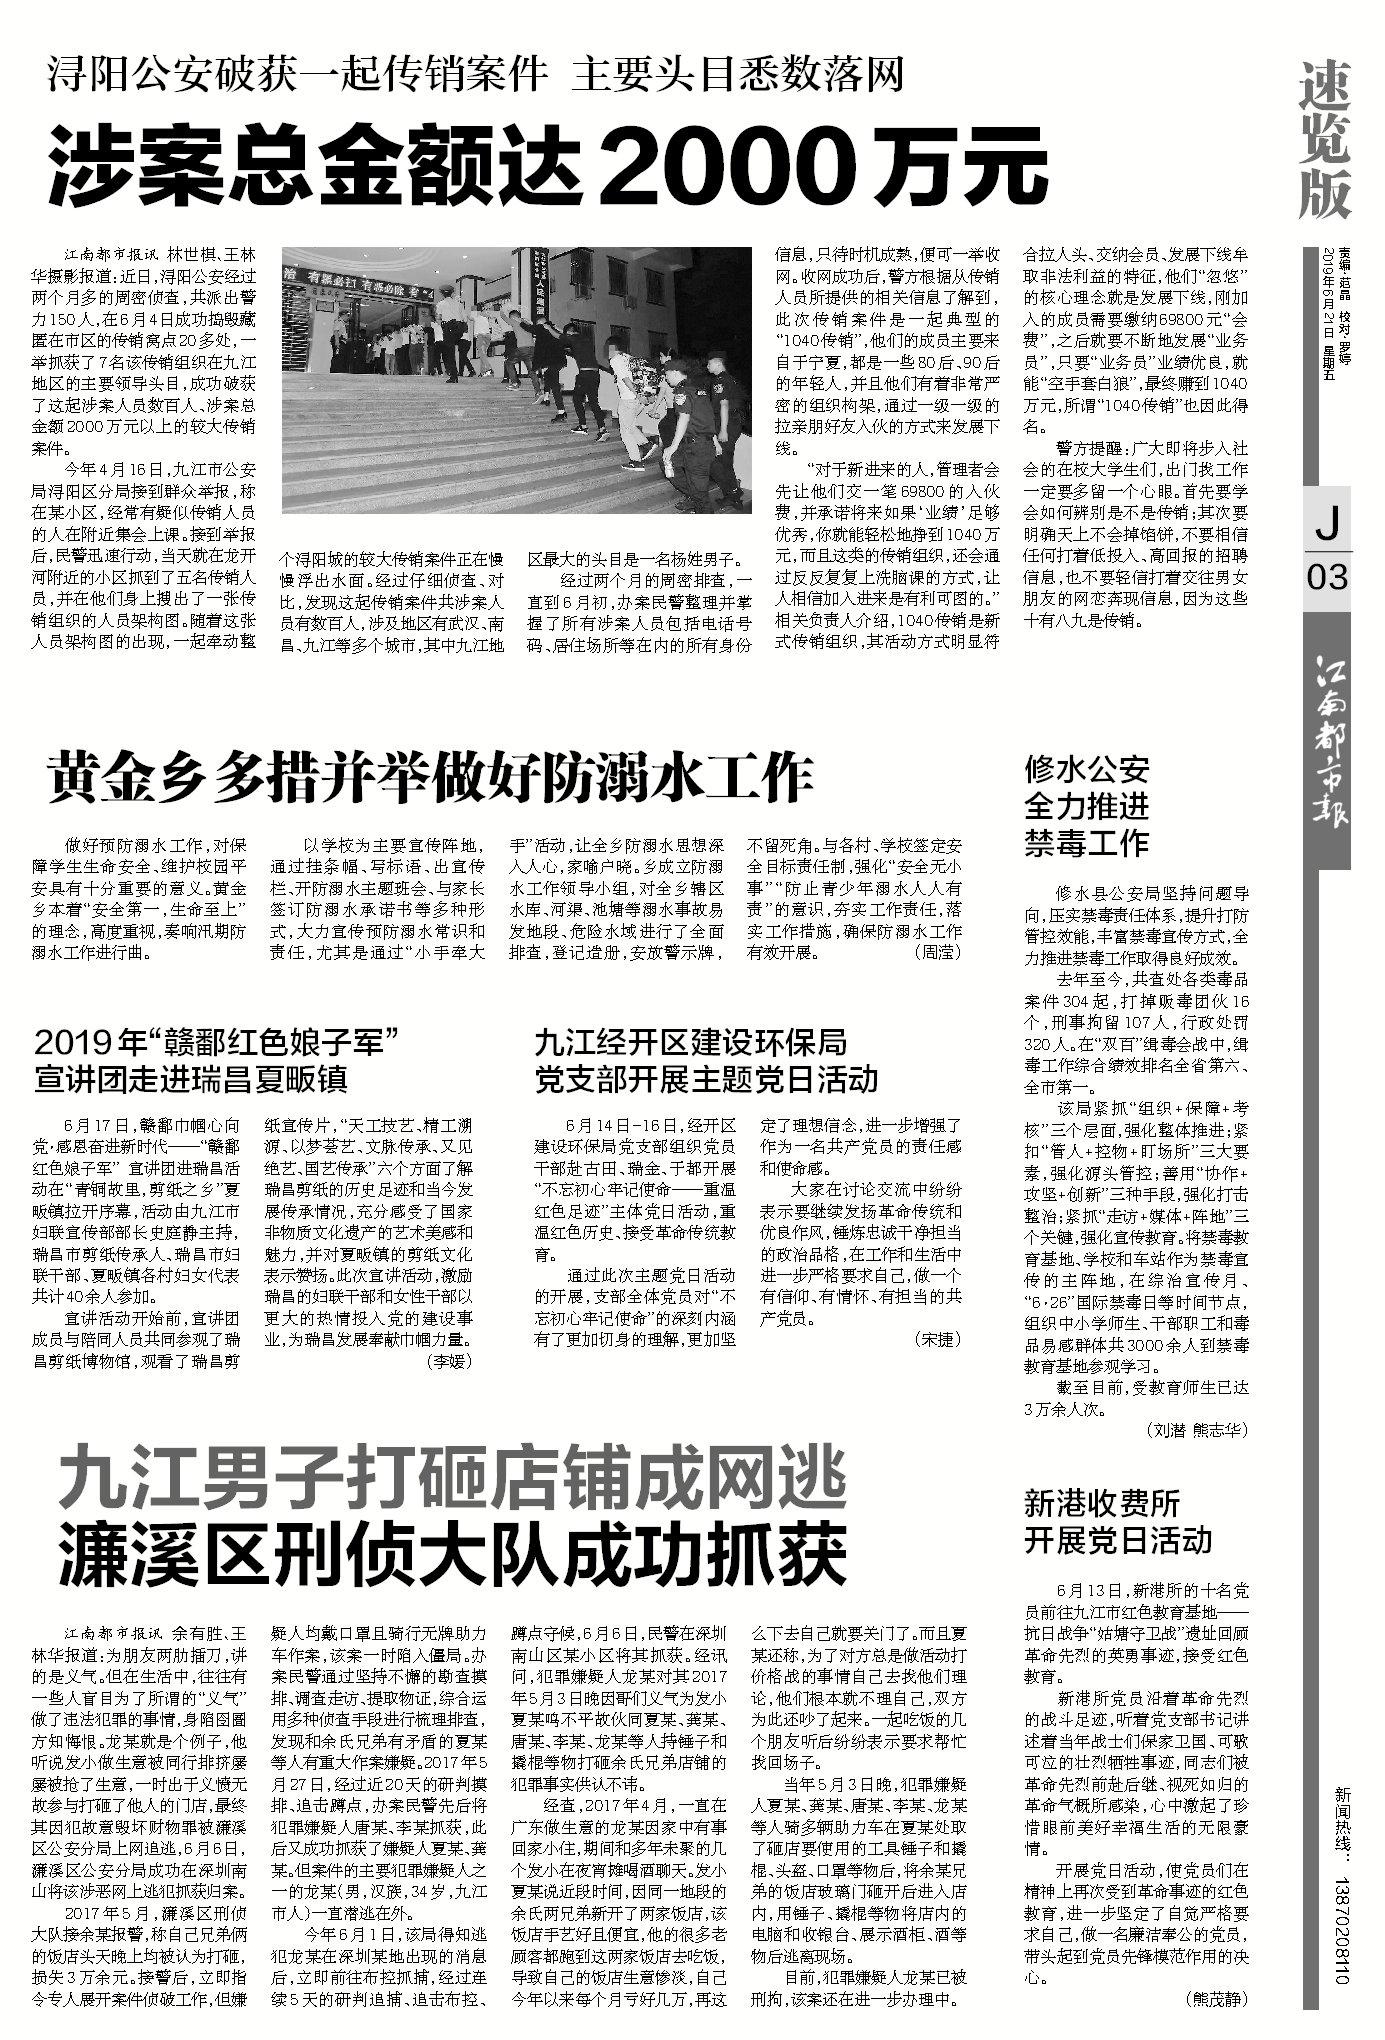 2019年6月21日江南都市报《亚博体育app苹果新闻》速览版